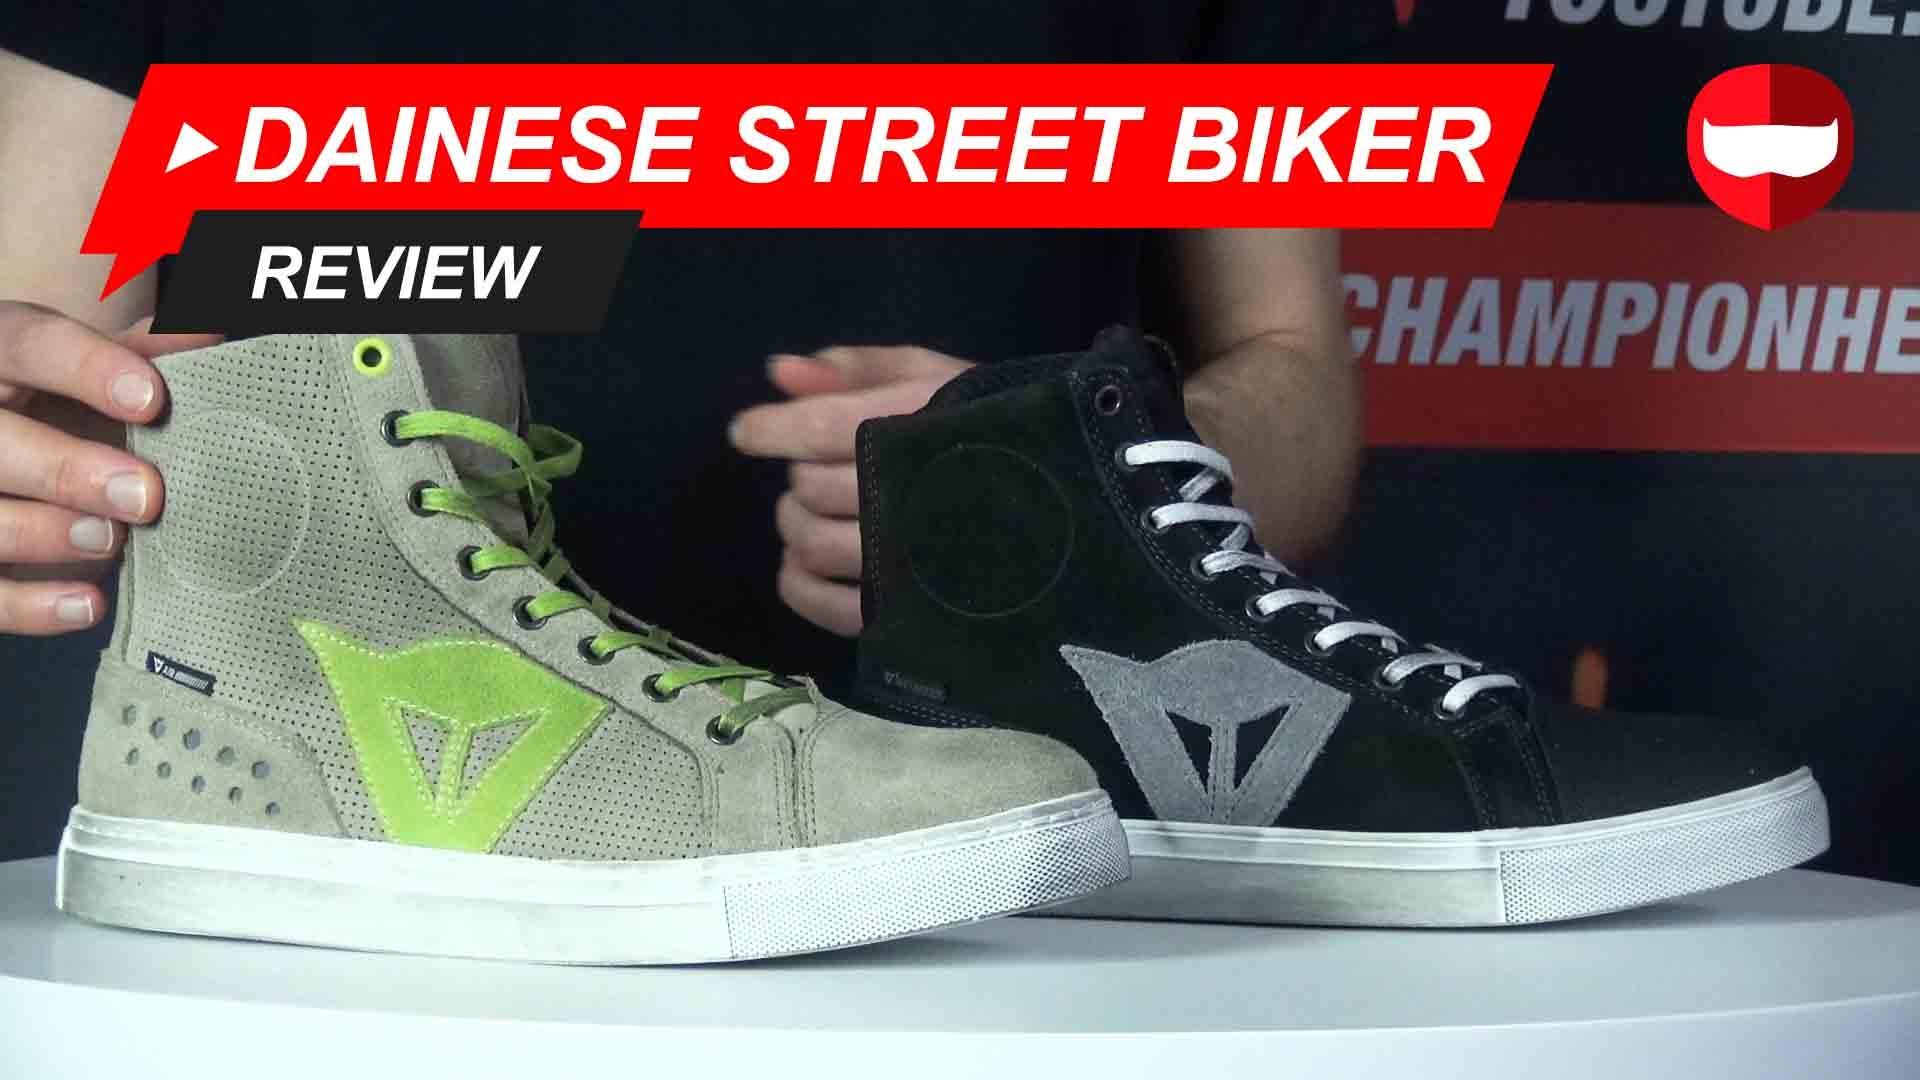 Dainese Street Biker Review + Video